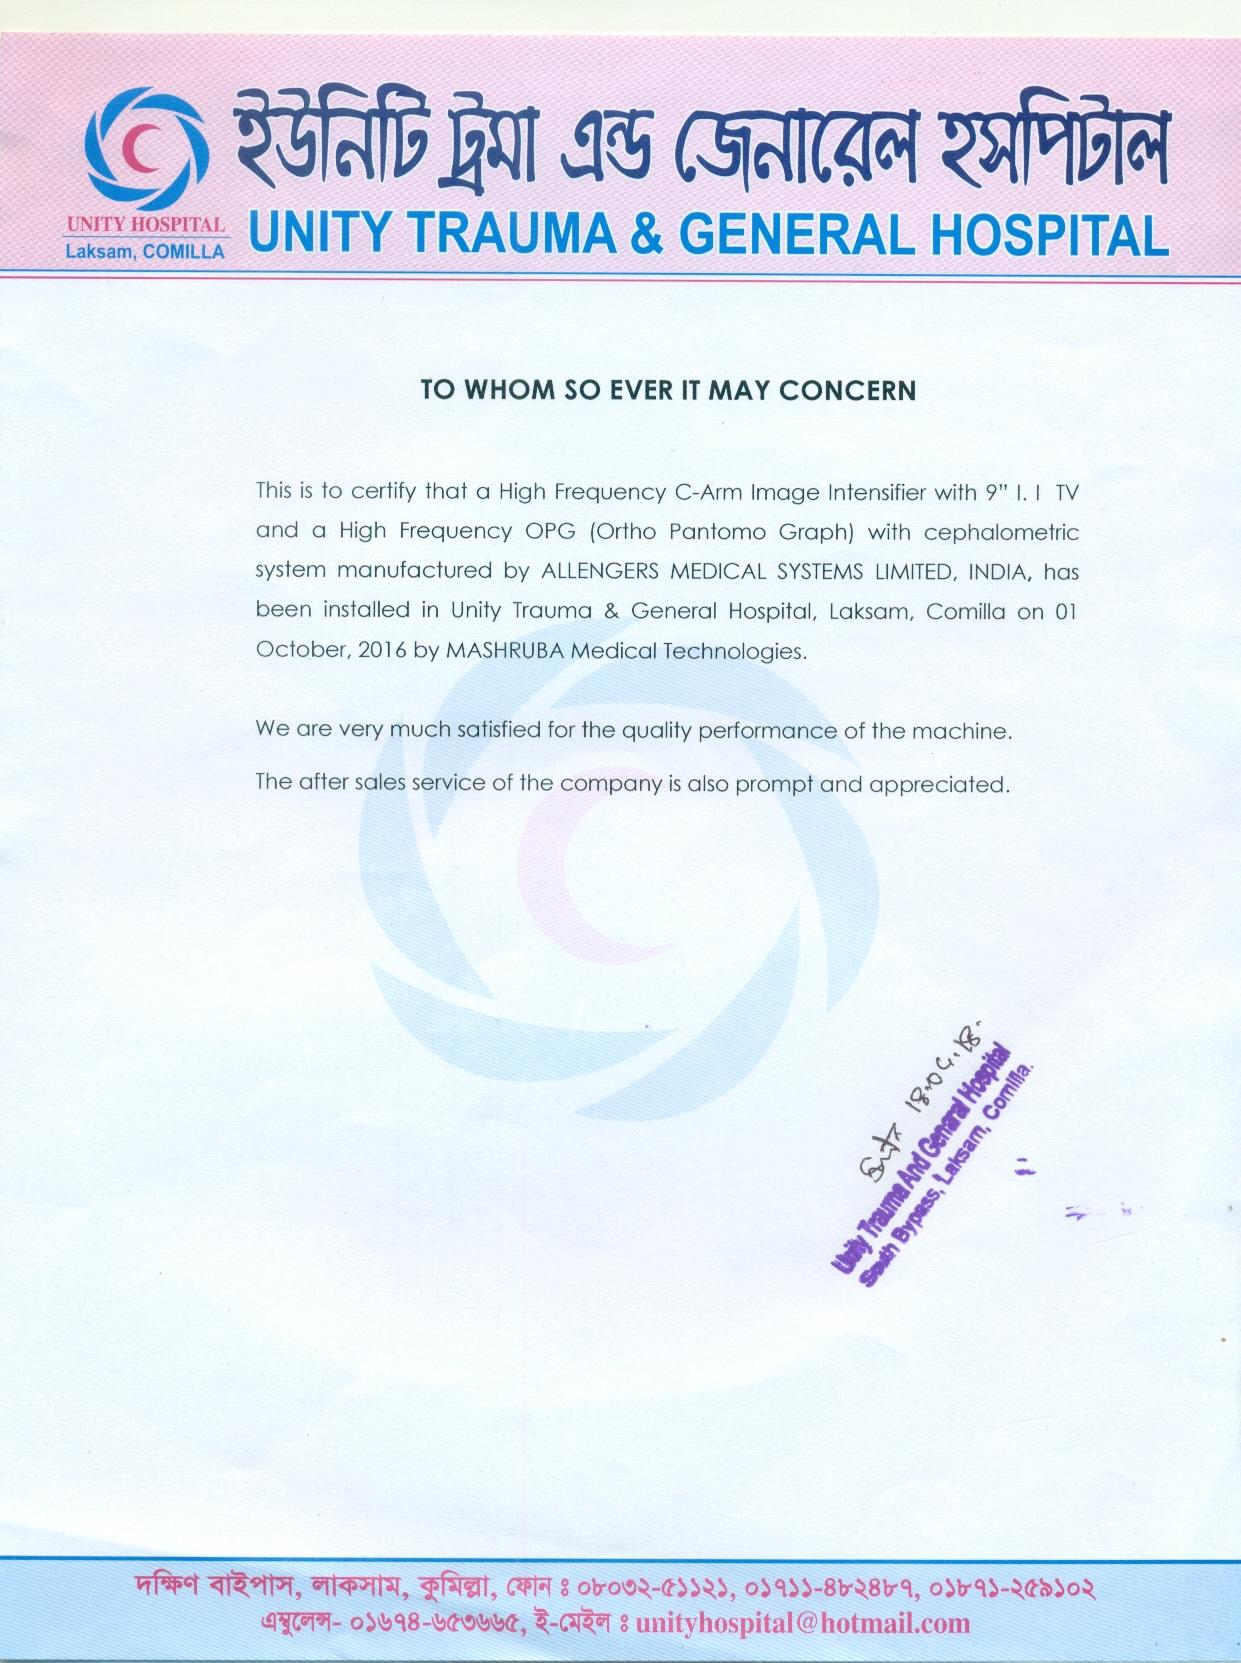 Laksham Unity Trauma